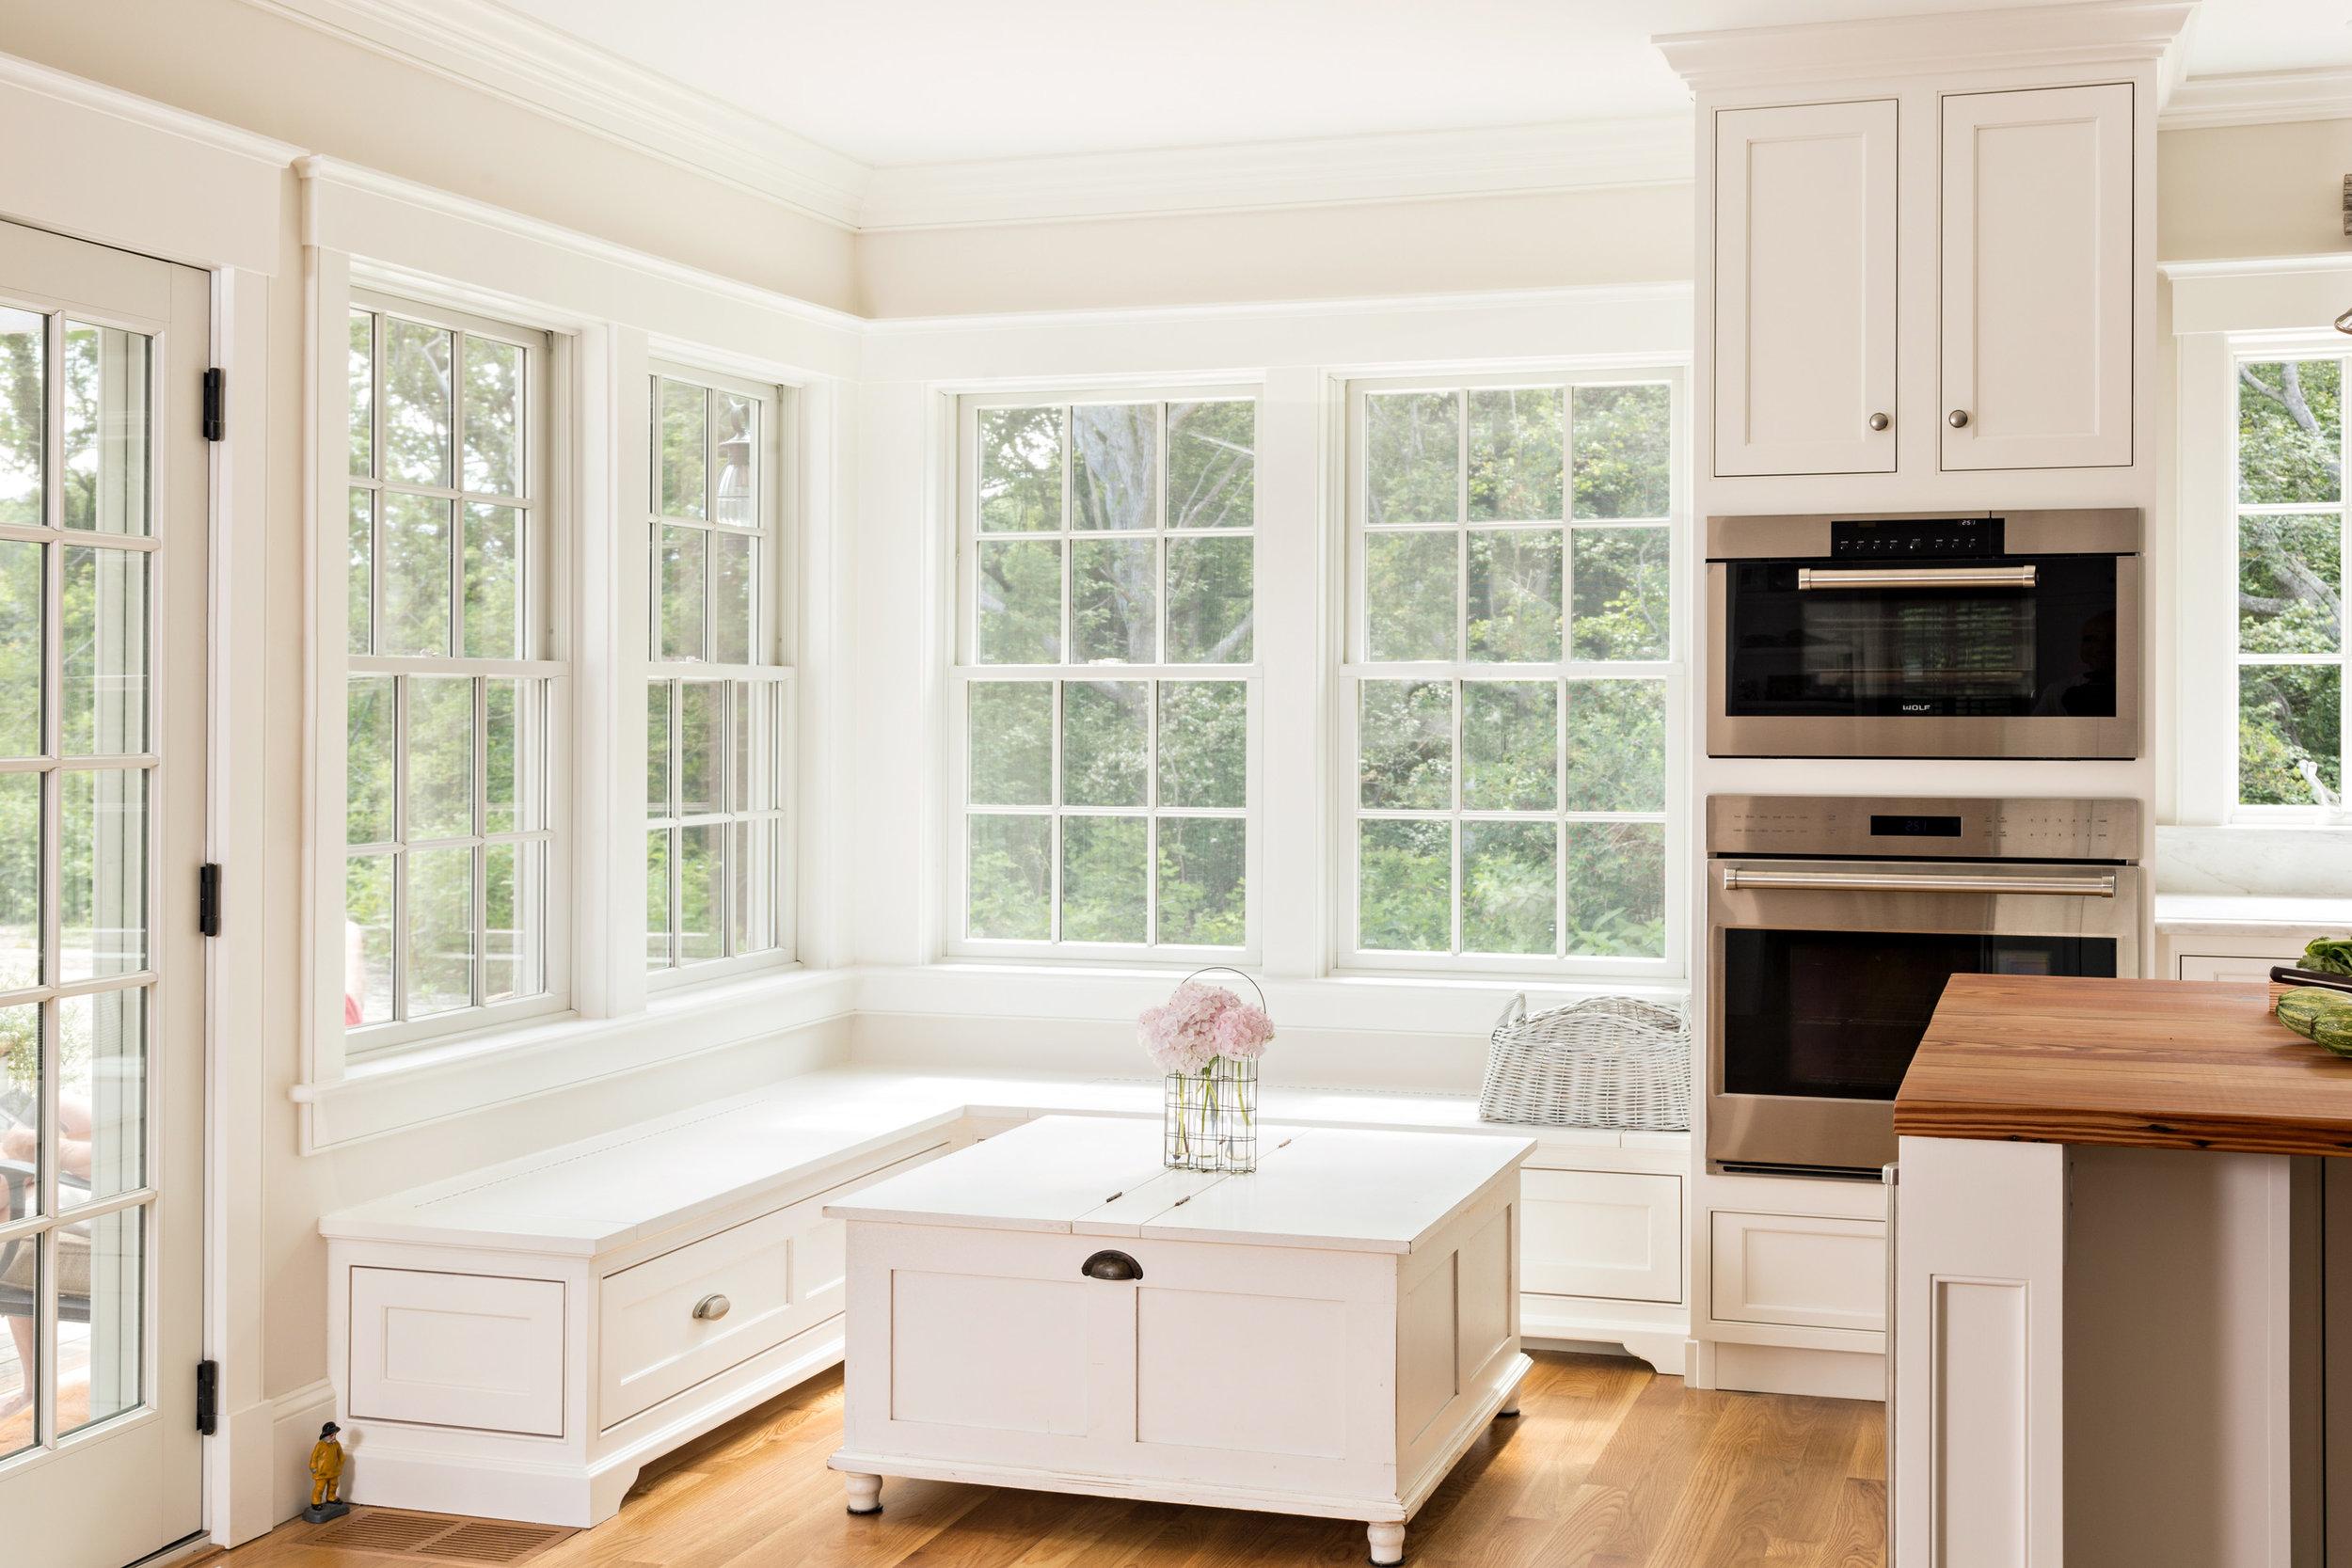 kitchen-6-d.jpg